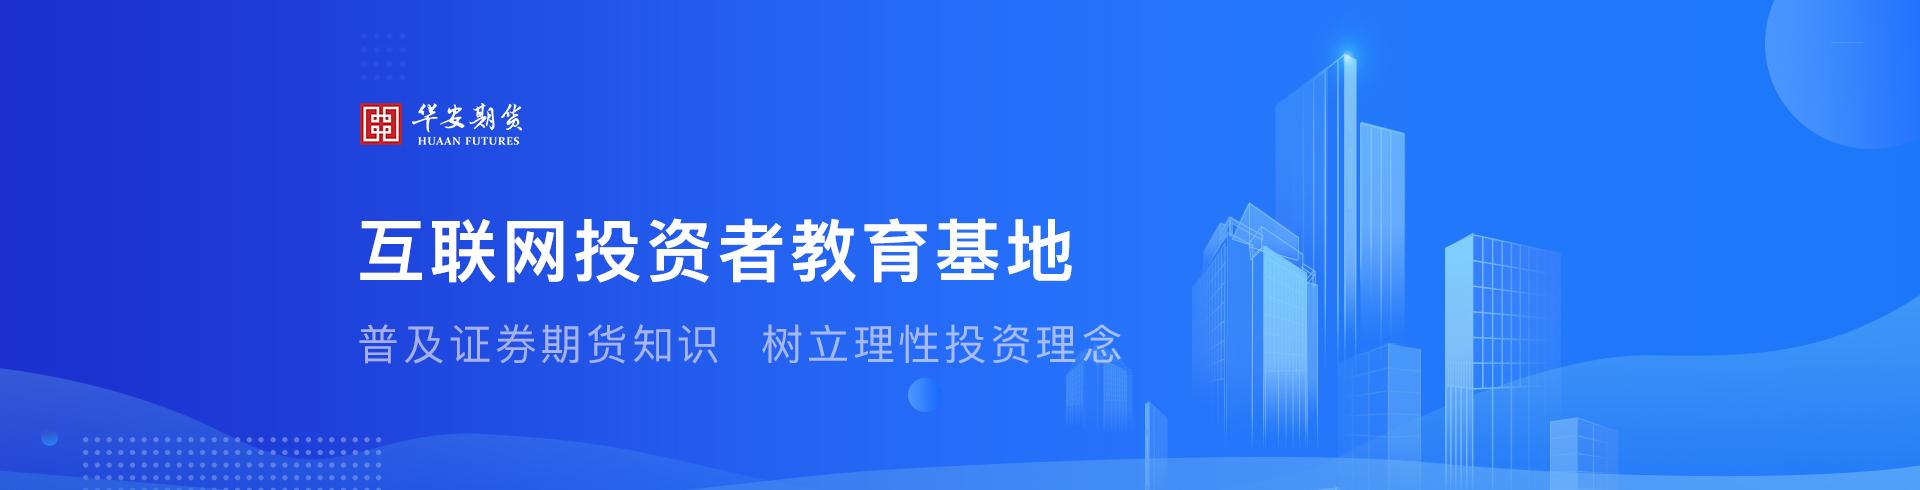 华安期货投资者教育基地